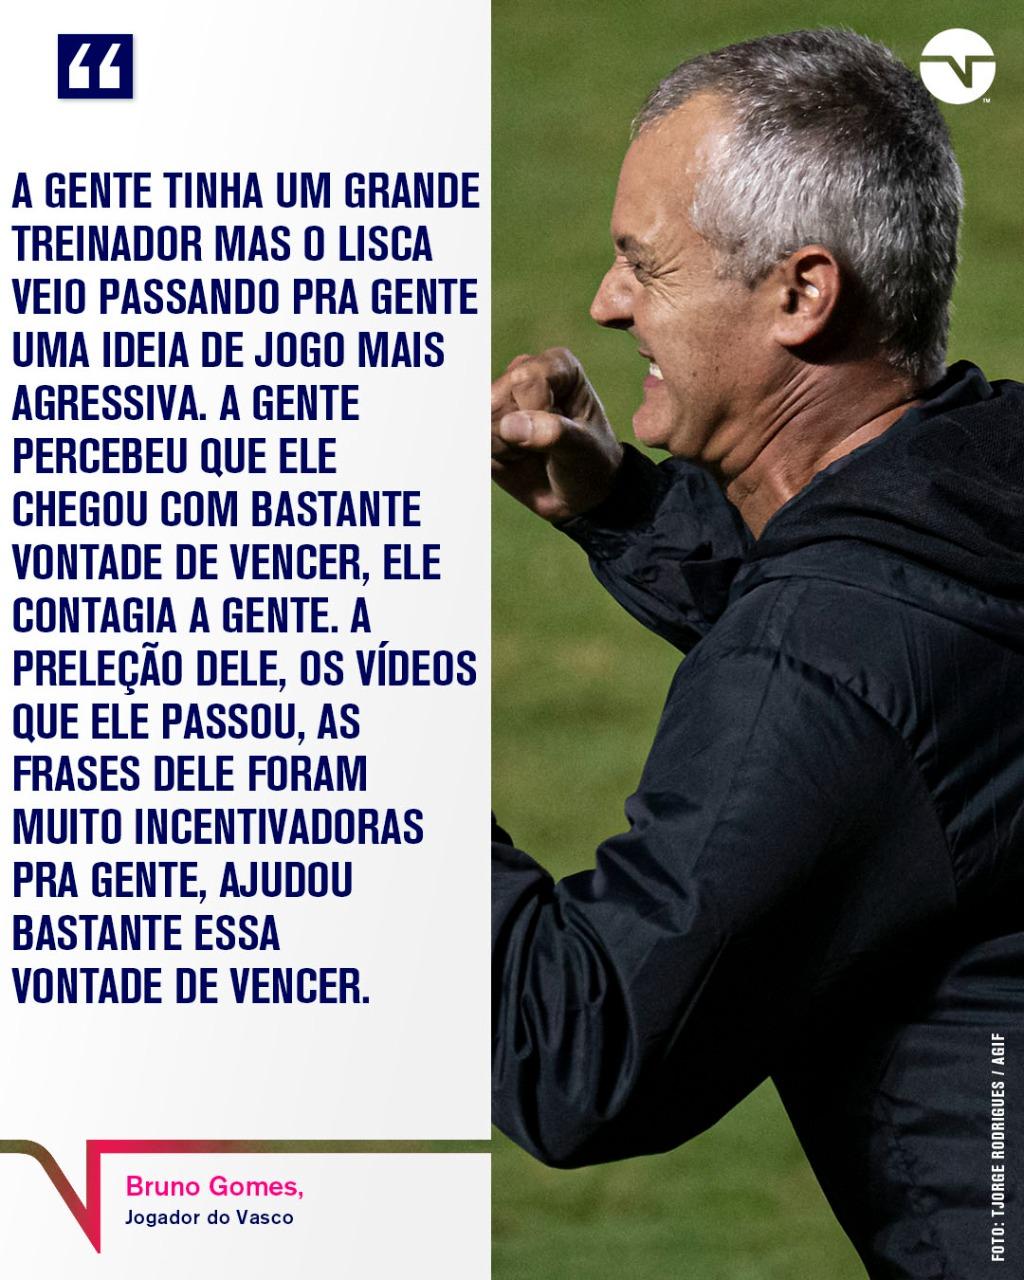 Bruno Gomes Twitter